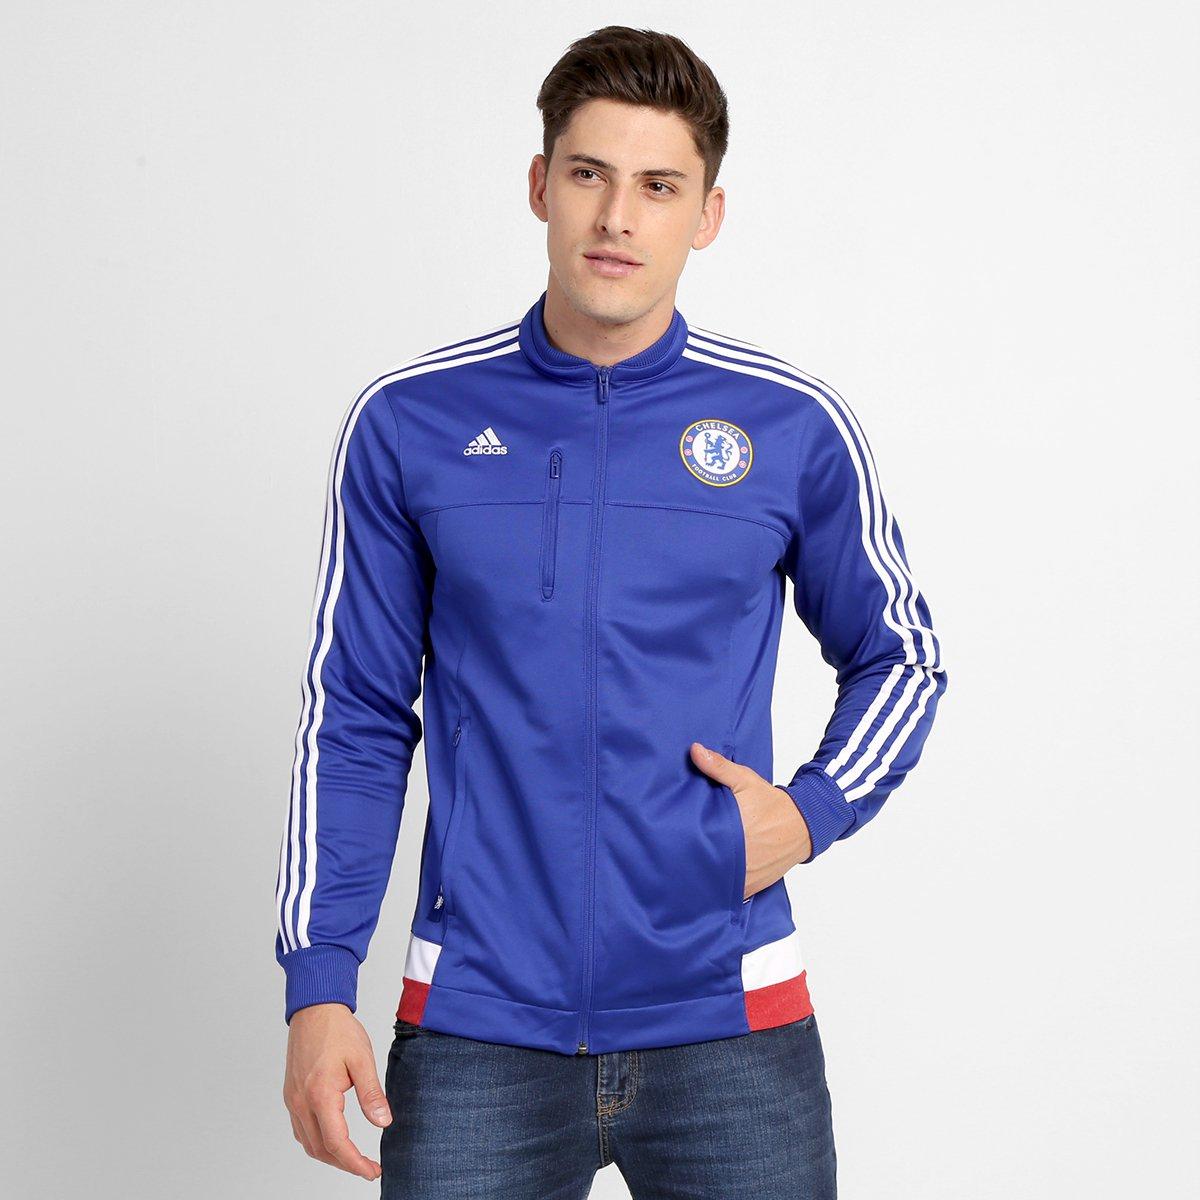 f47a0aba6d Jaqueta Adidas Chelsea Hino - Compre Agora